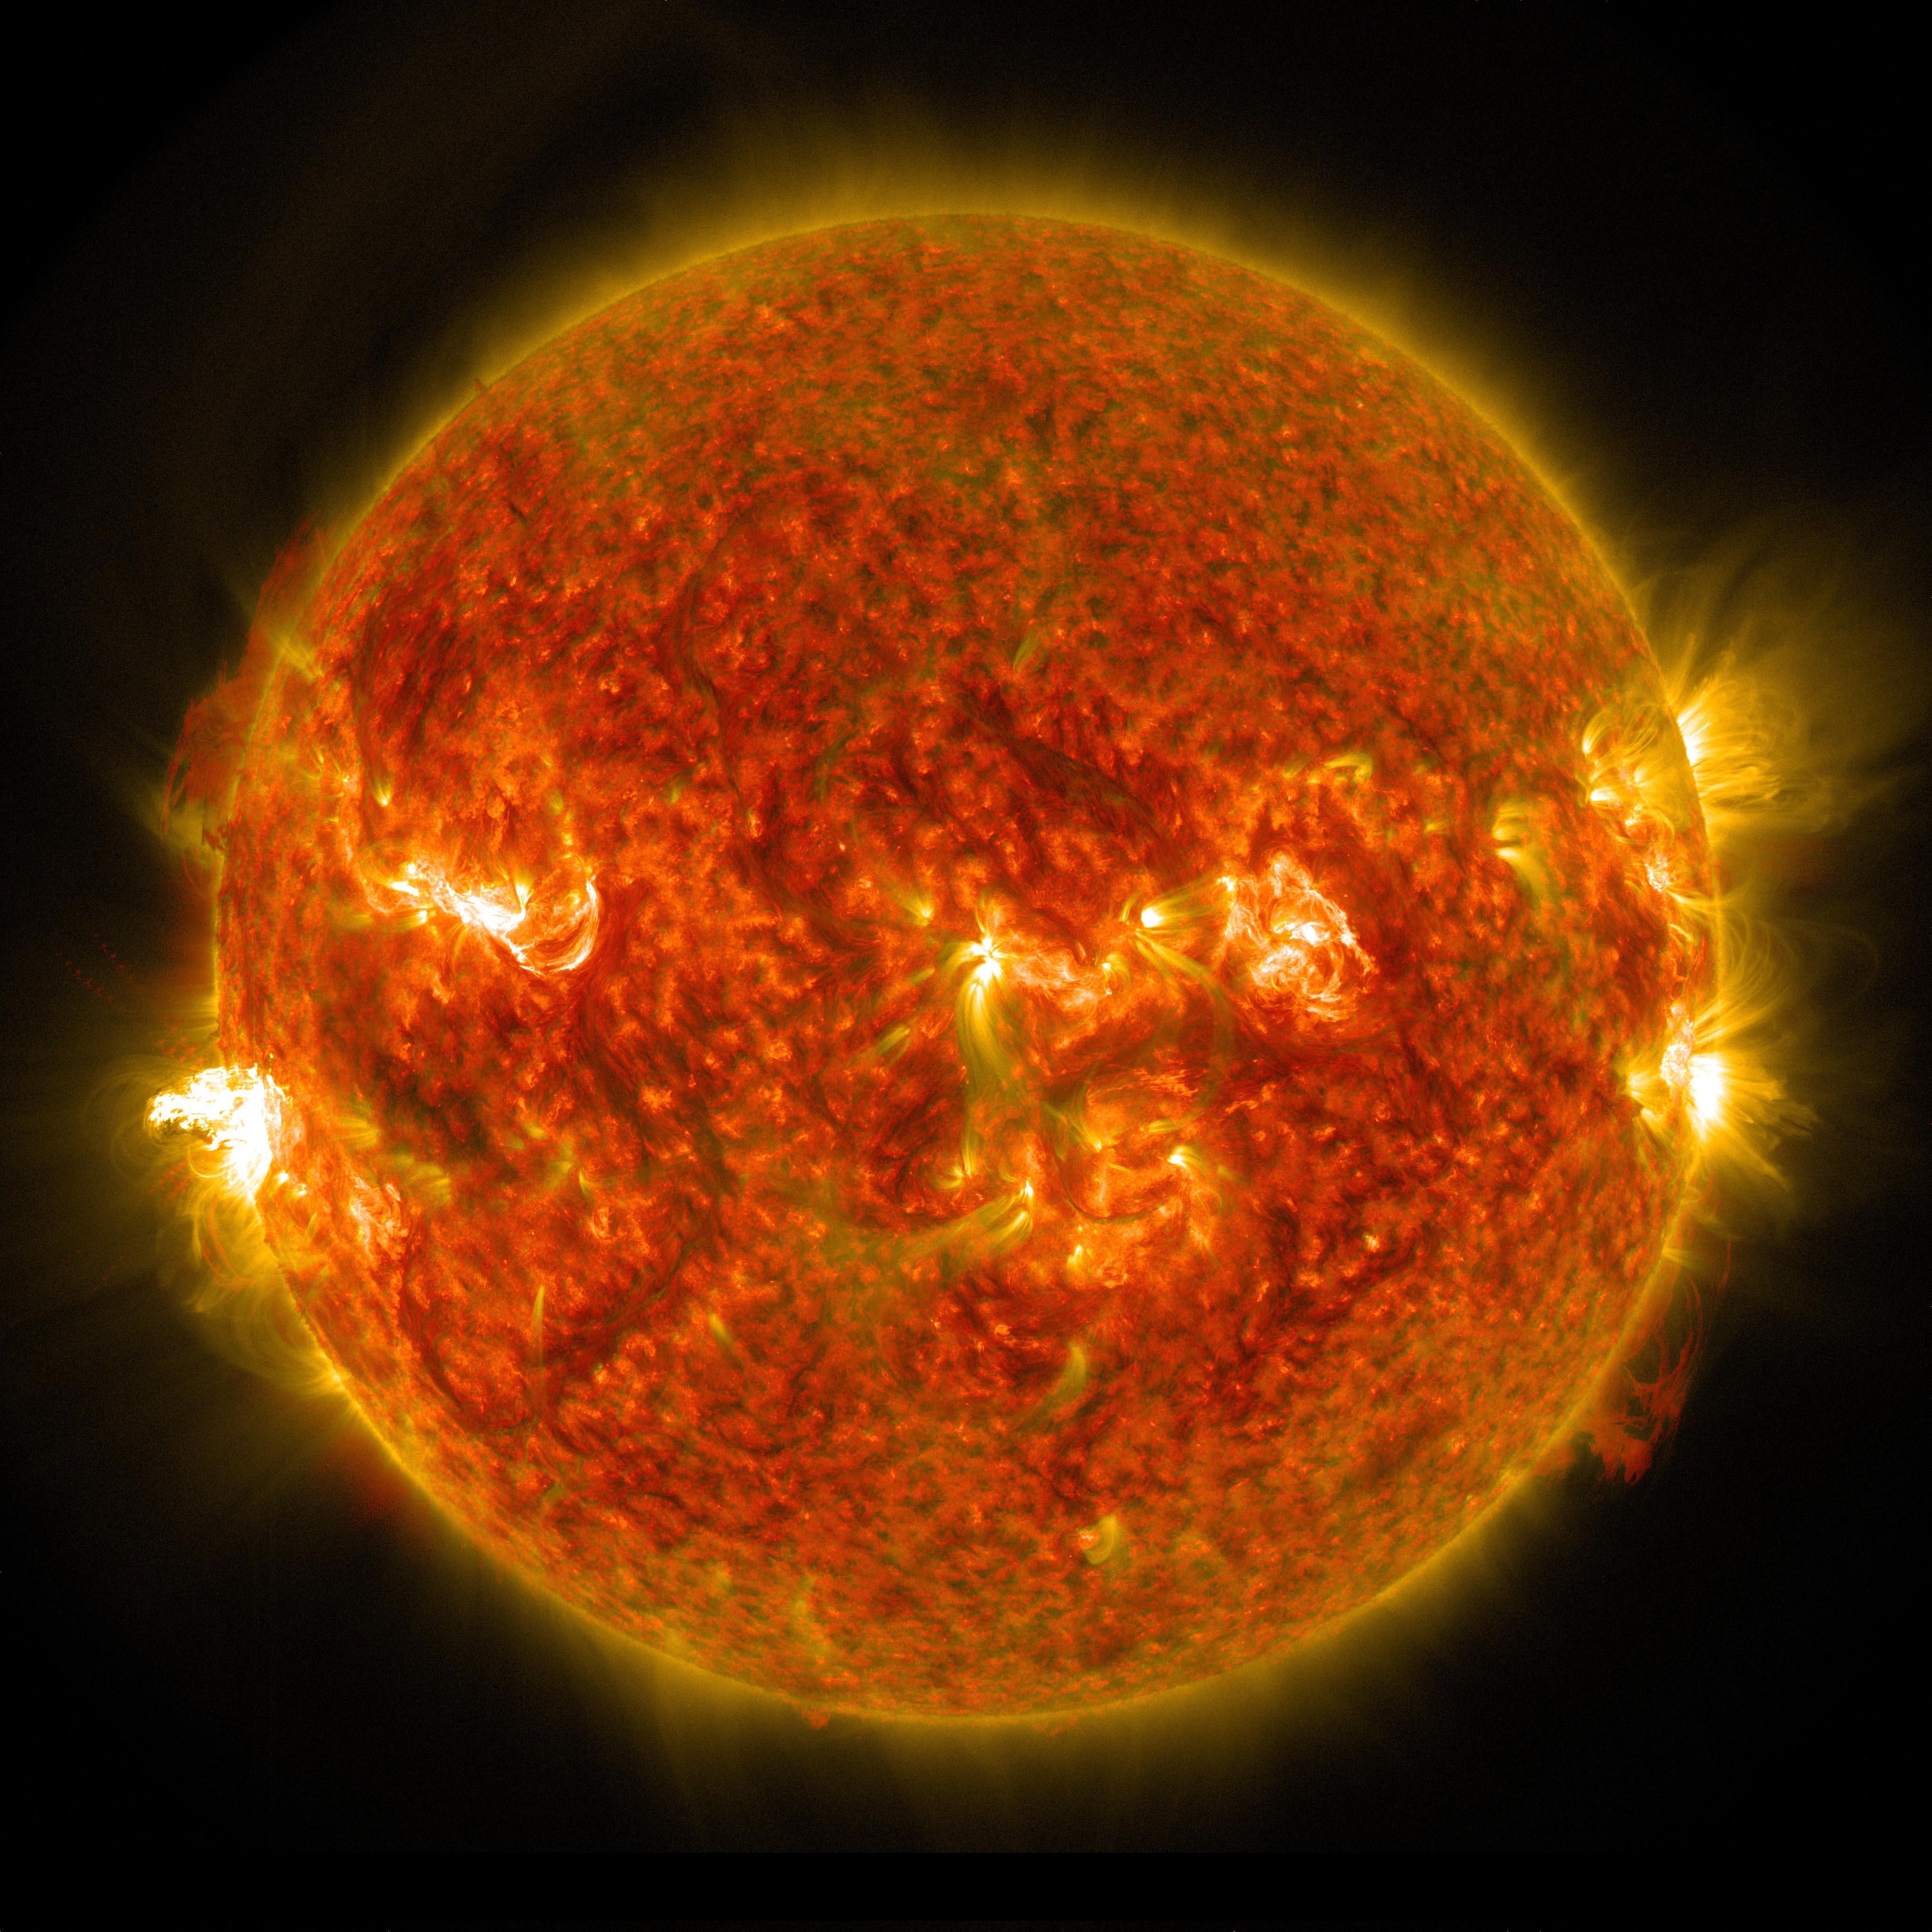 nasa solar flares 2017 earth - photo #24